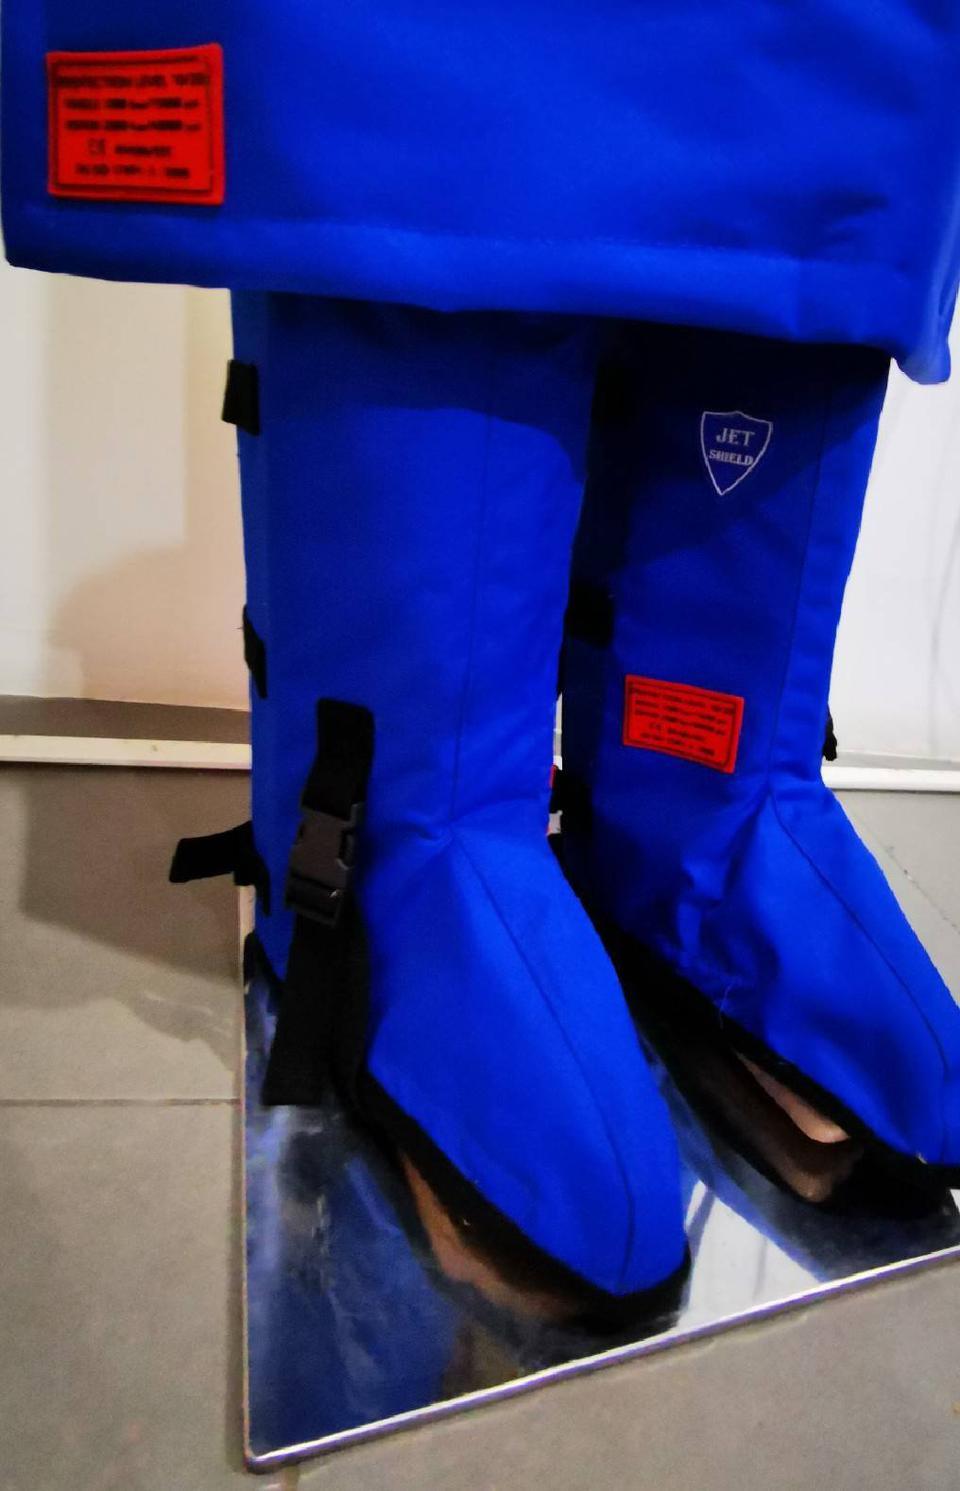 ชุดเกราะป้องกันน้ำแรงดันสูง  รูปที่ 2